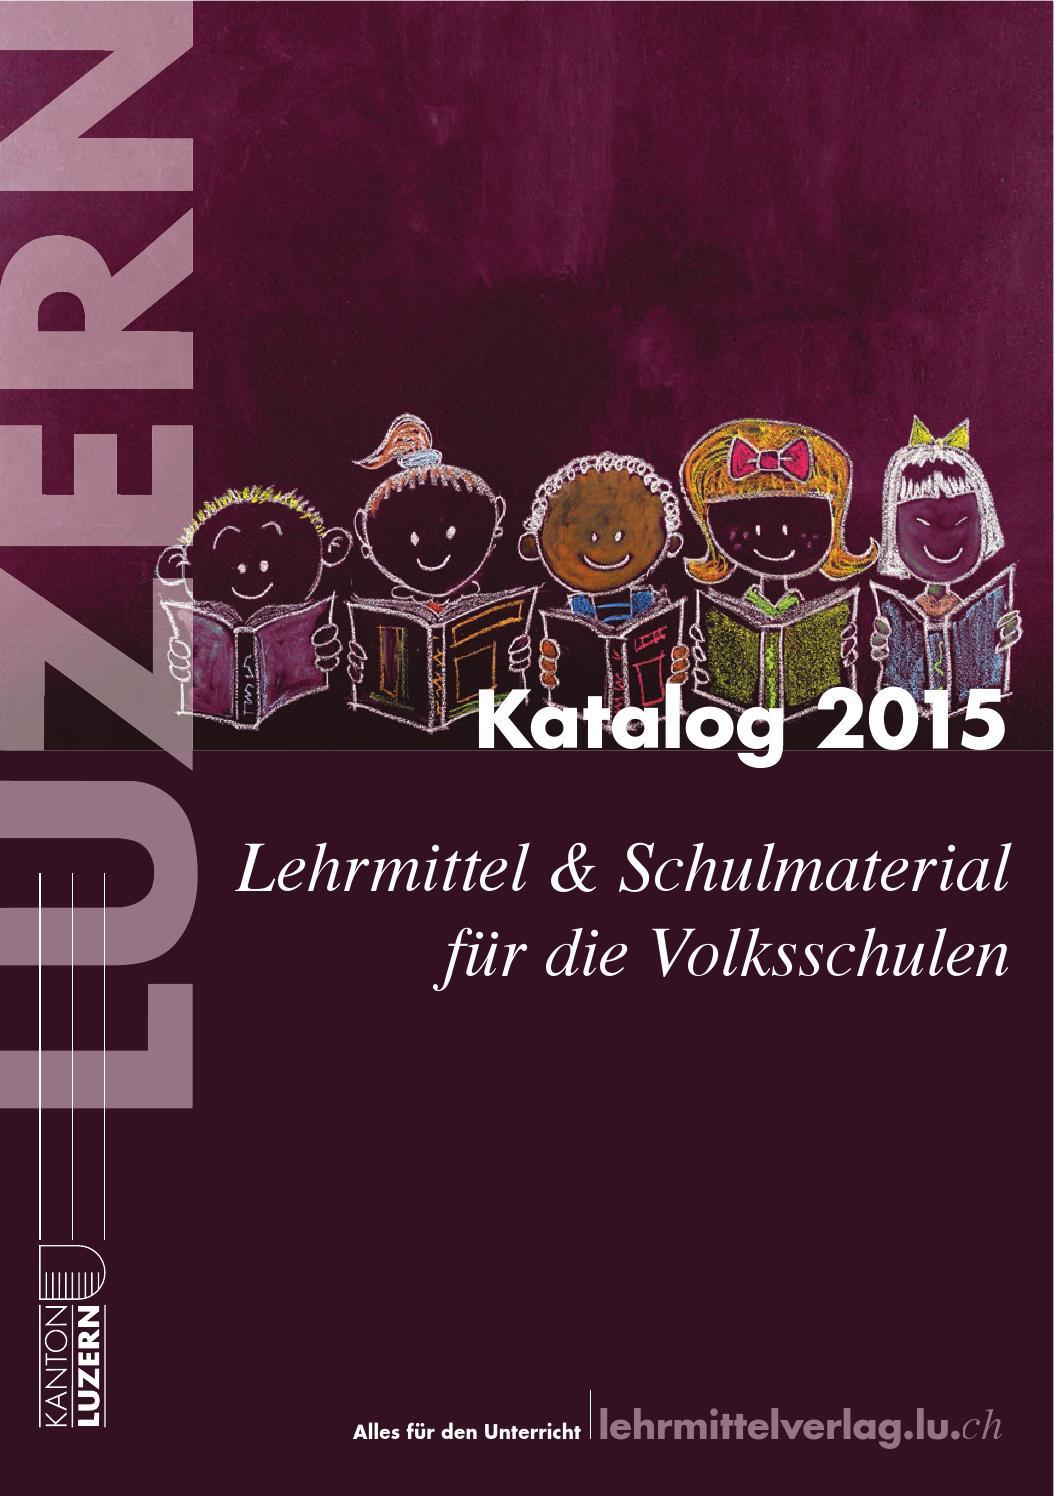 Lehrmittelverlag Katalog 2015 by Lehrmittelverlag Luzern - issuu